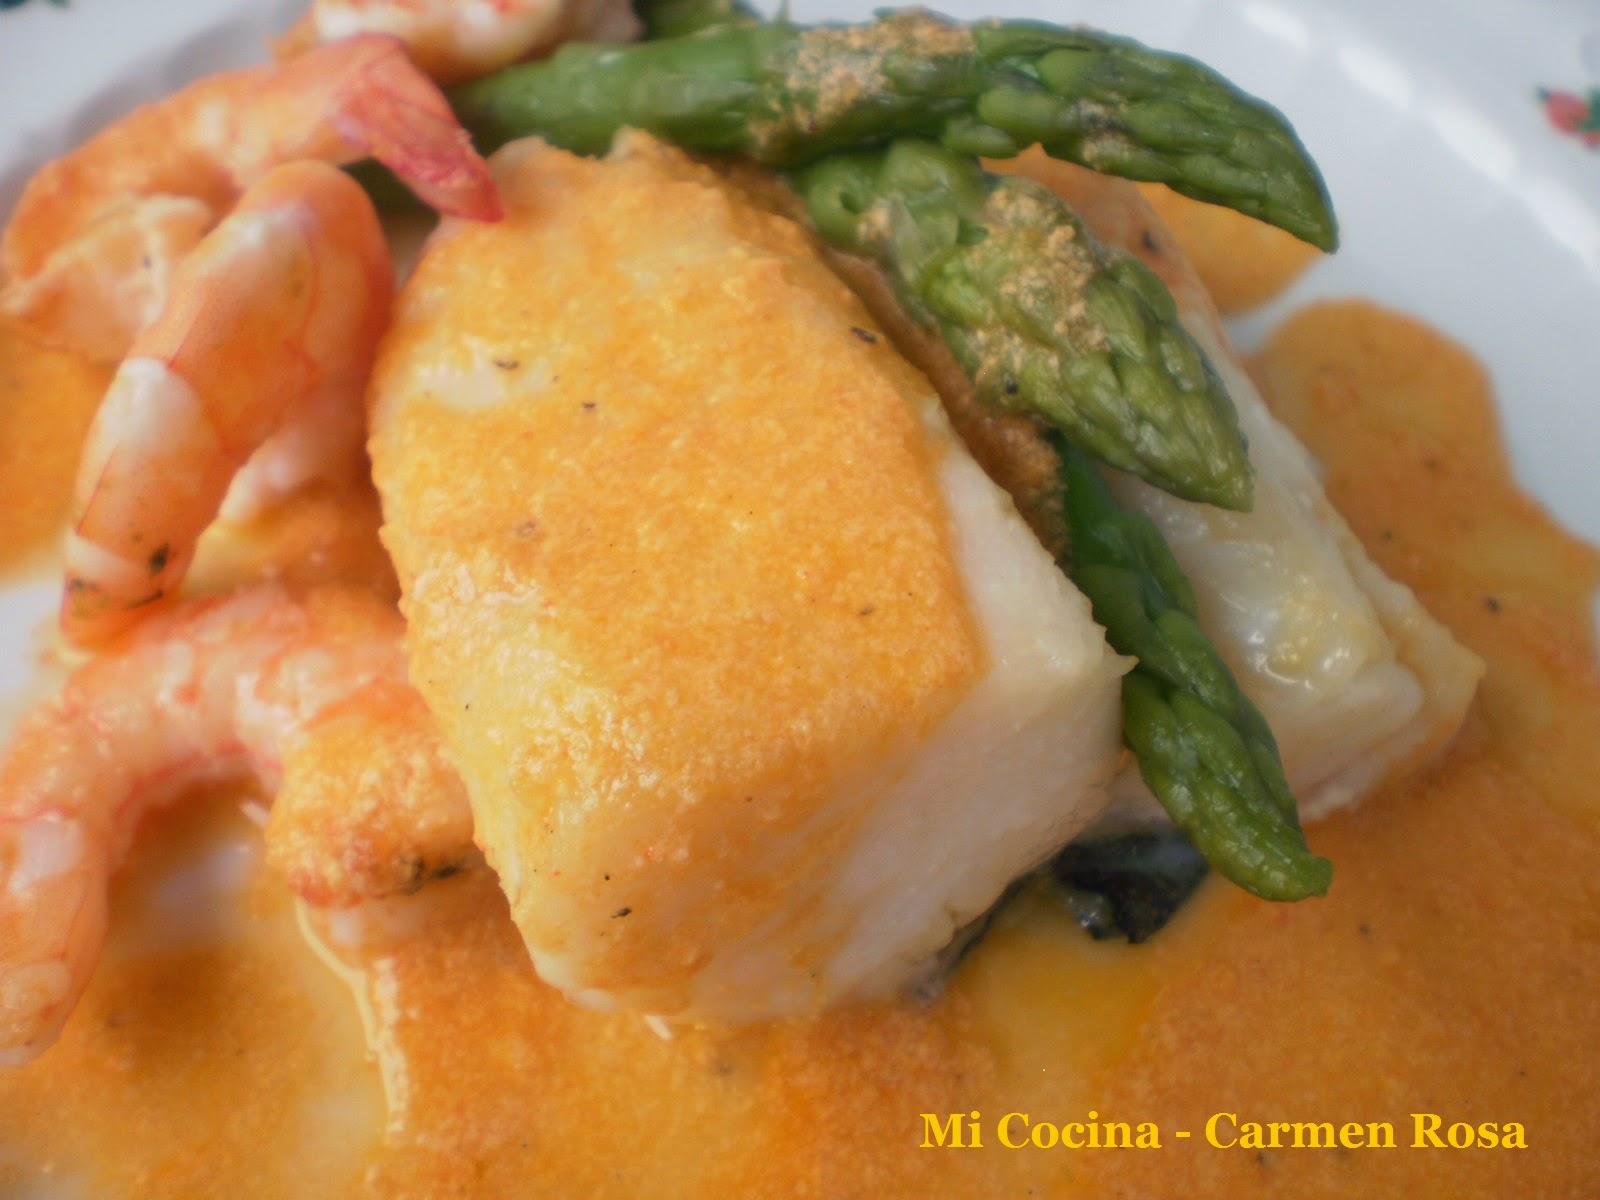 Como Cocinar Lomos De Bacalao | Lomos De Bacalao Al Horno Con Salsa De Langostinos Y Esparragos Mi